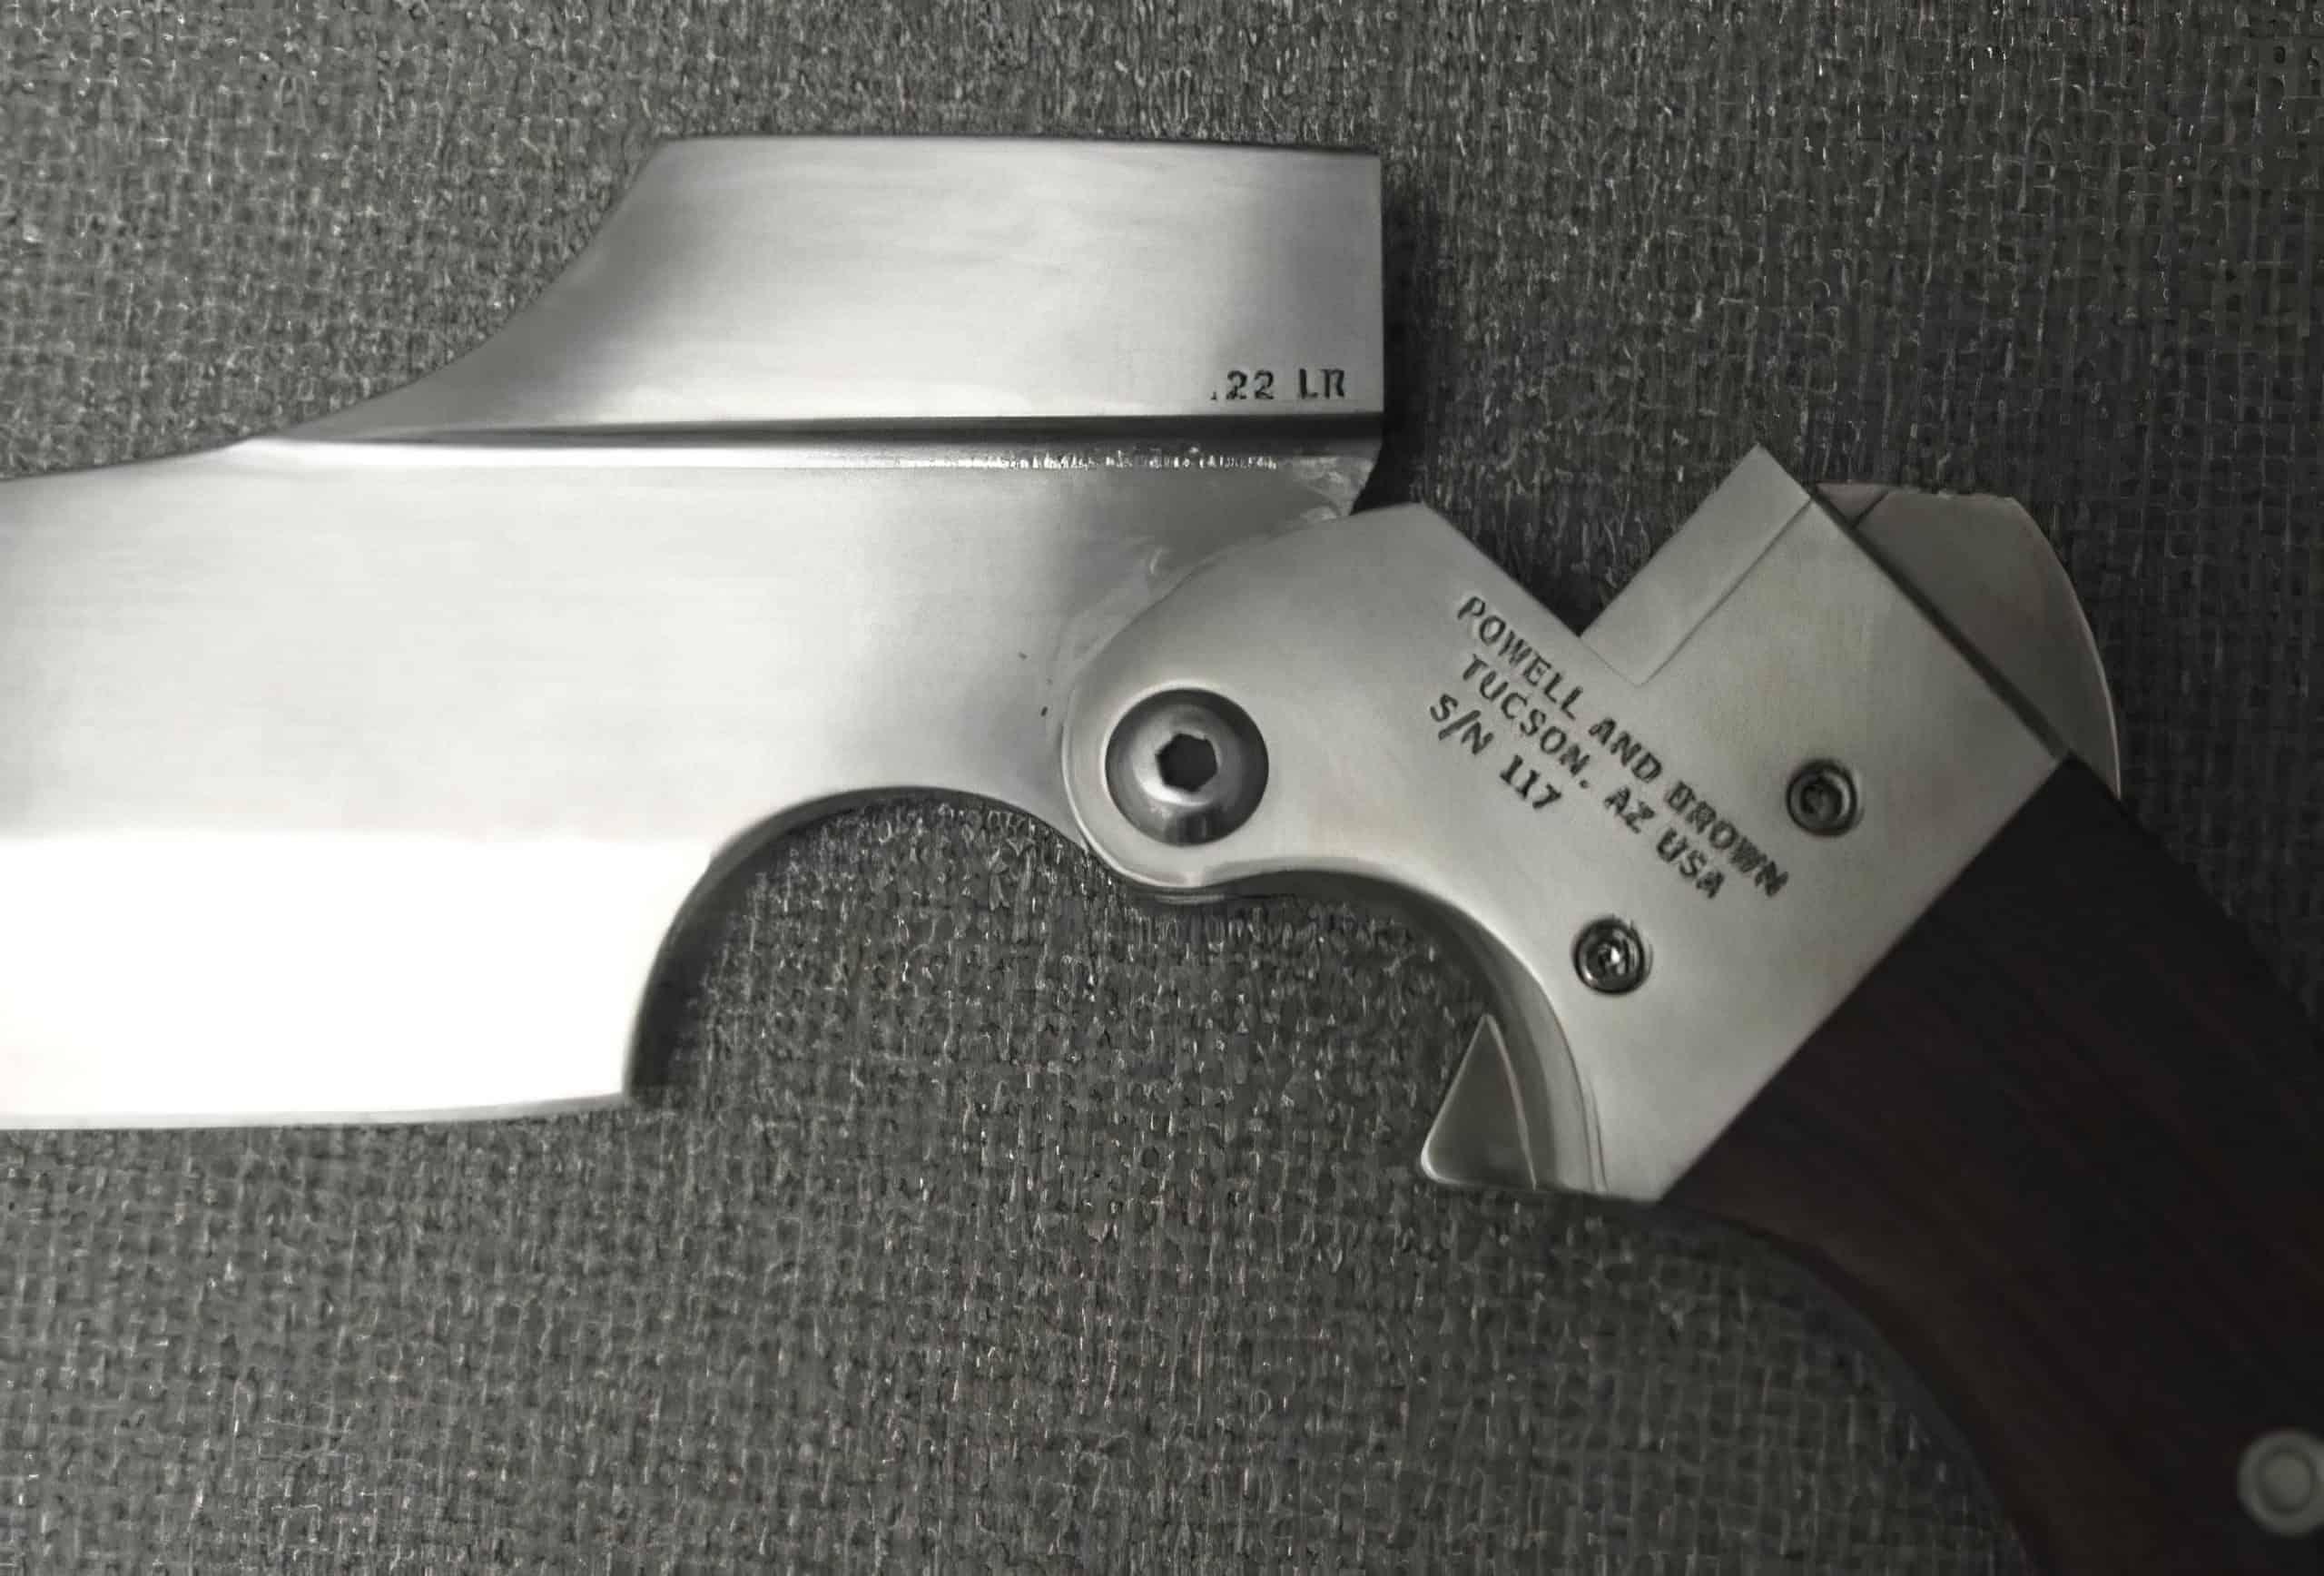 gunknife2 upscaled